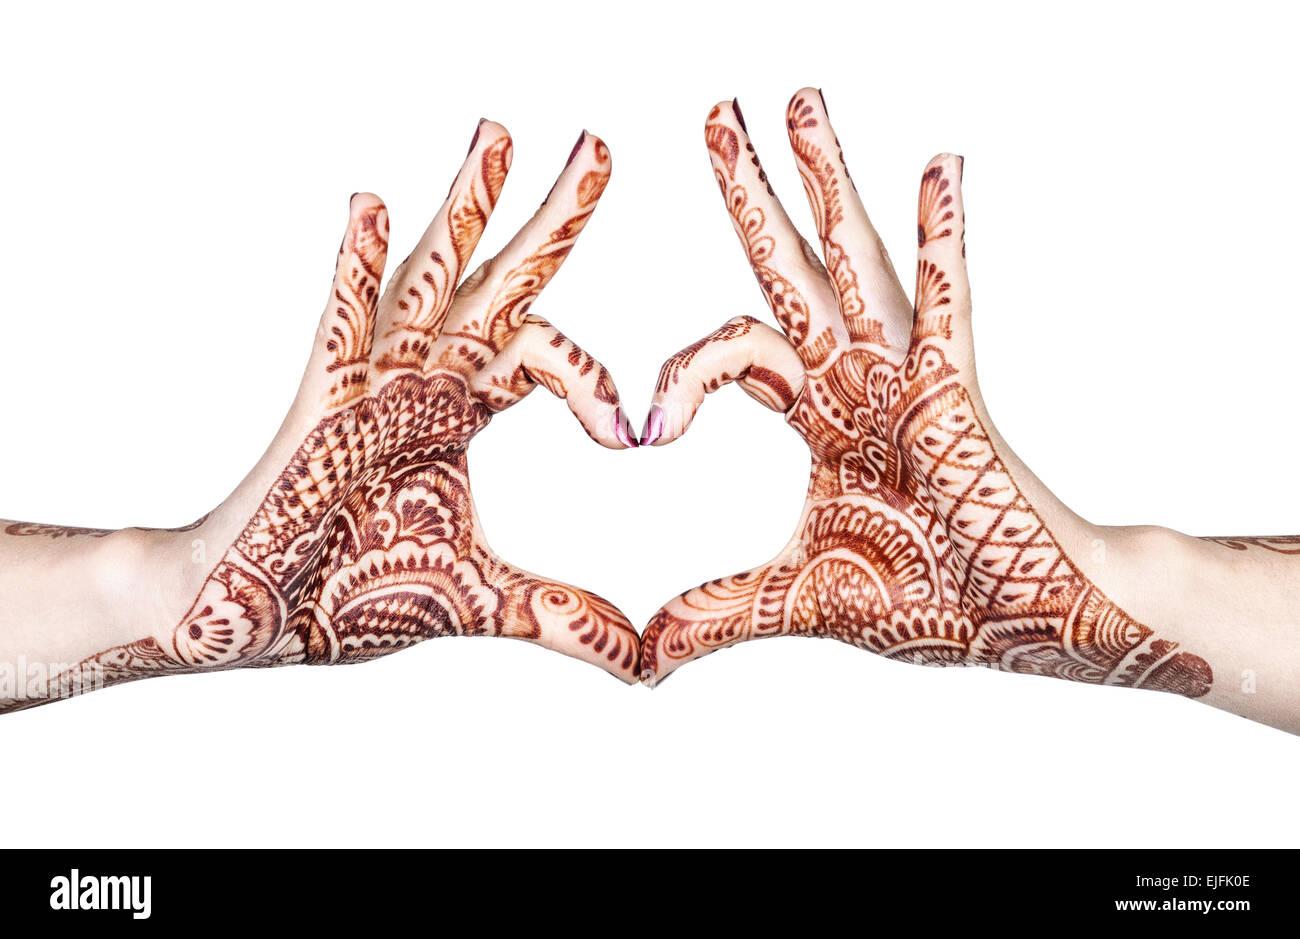 Mujer de manos con henna haciendo gestos de corazón aislado sobre fondo blanco con trazado de recorte Imagen De Stock